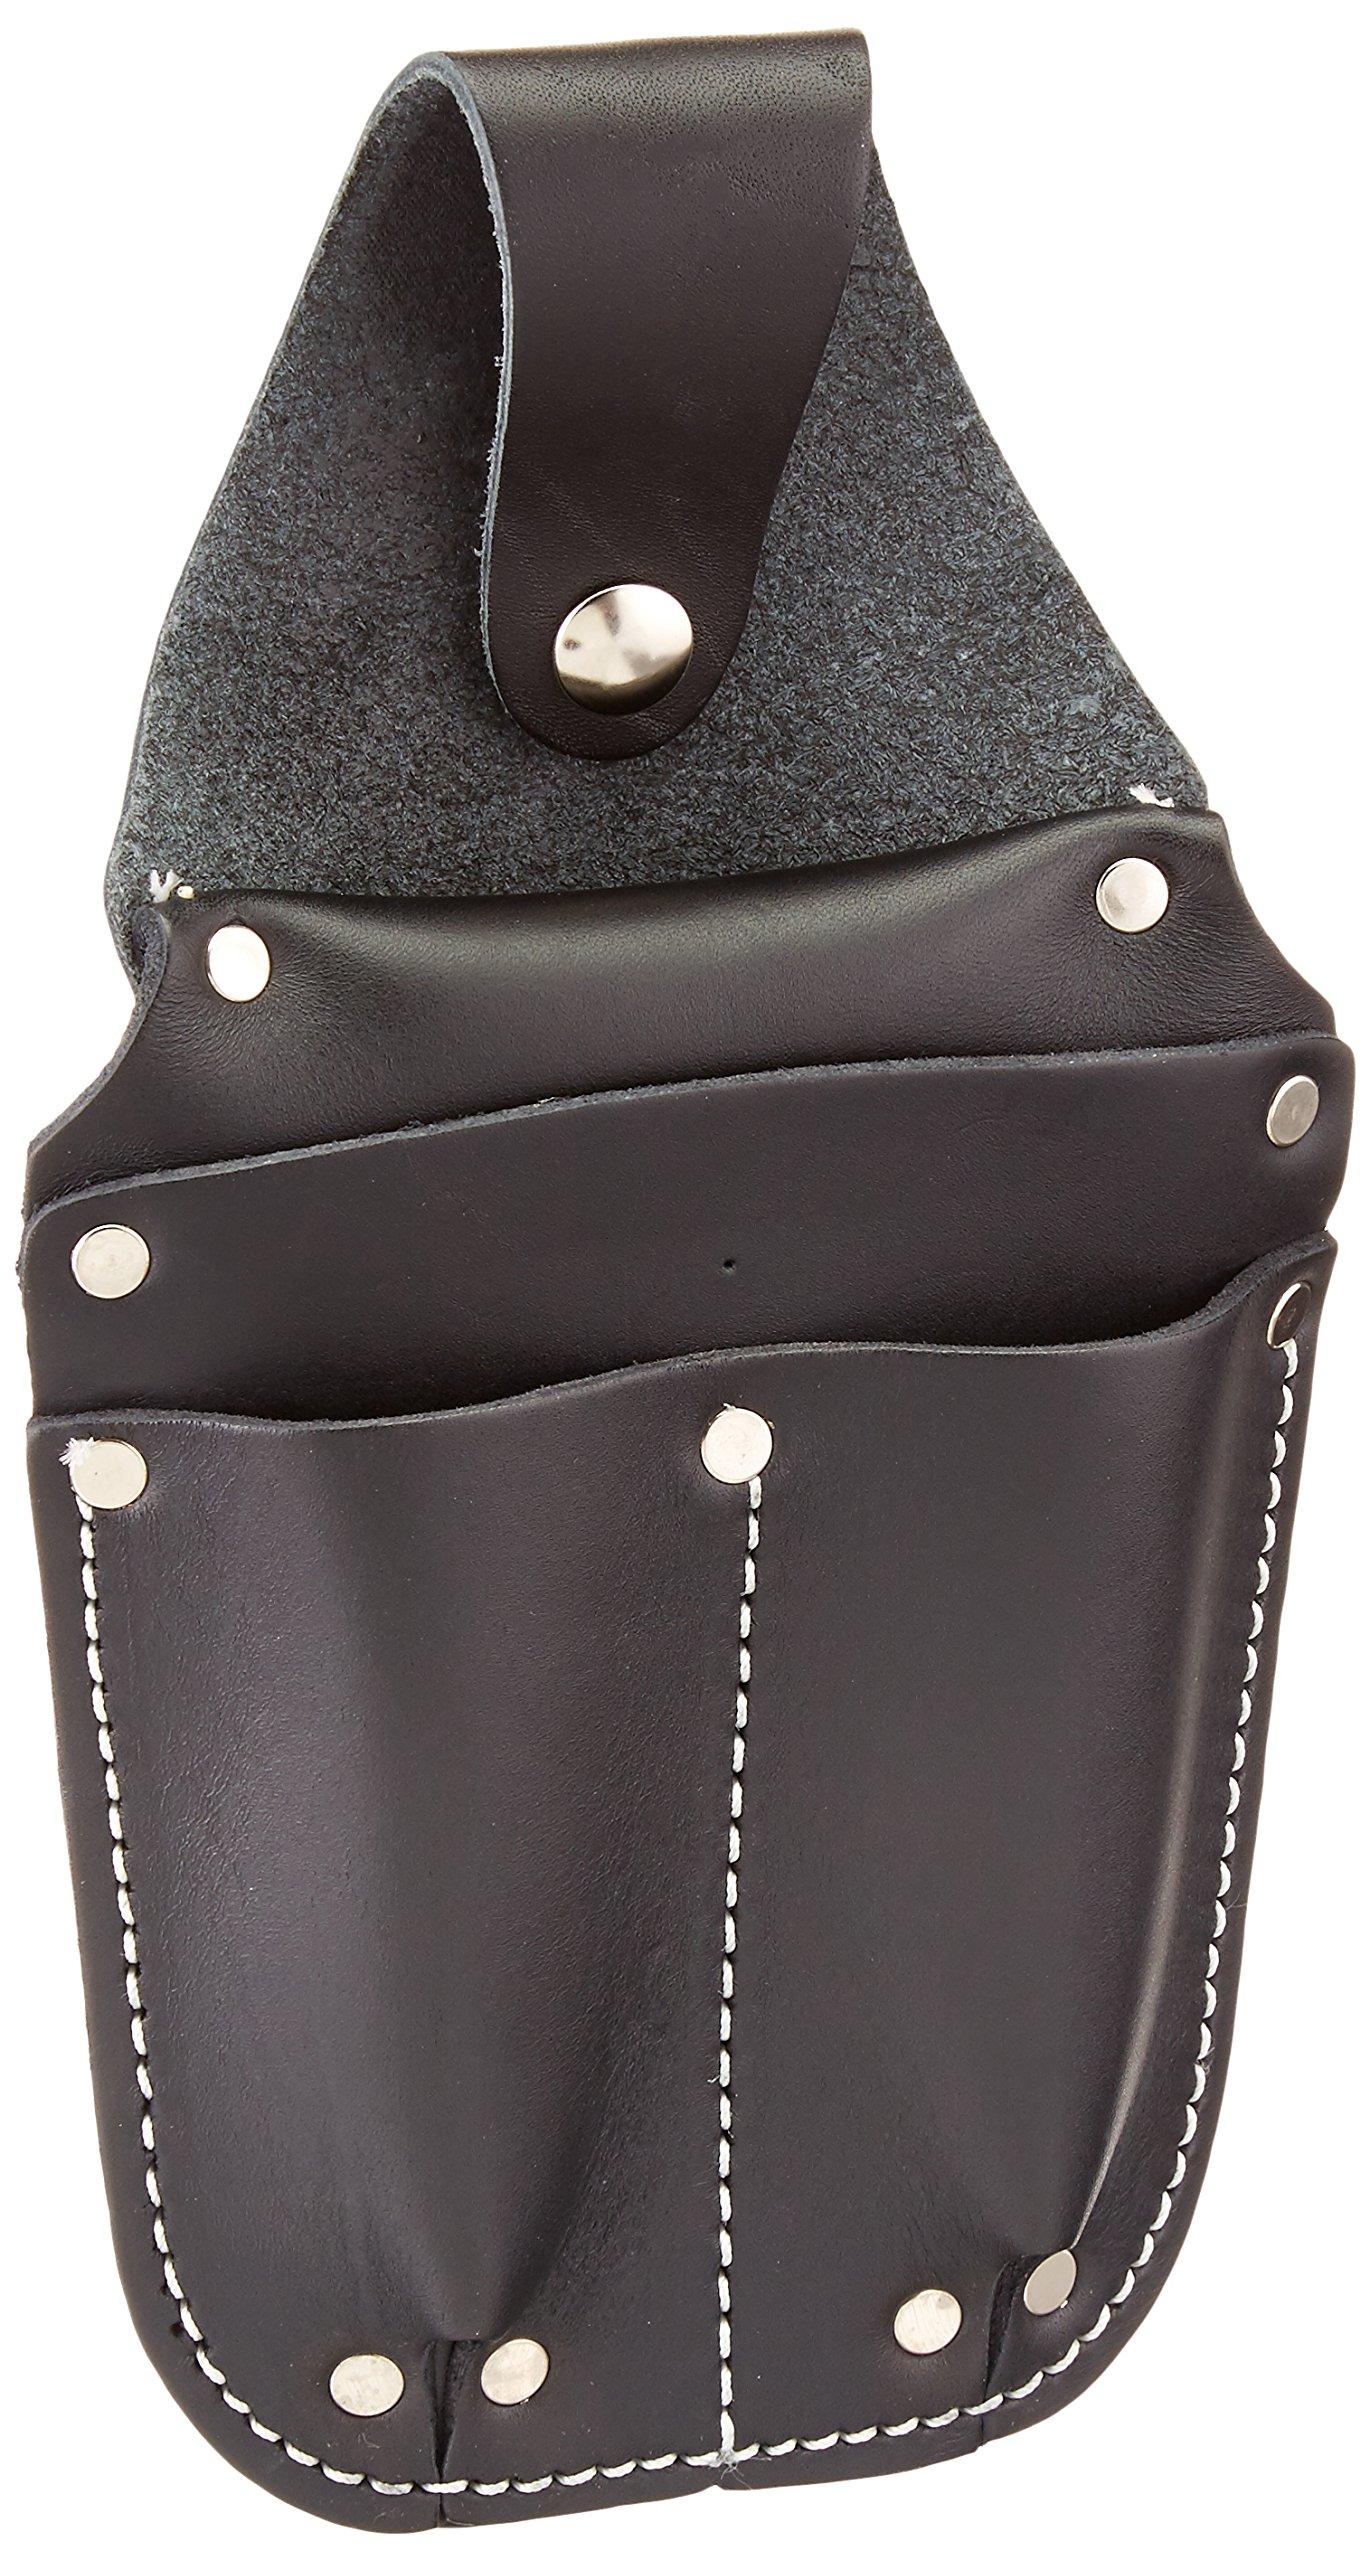 Occidental Leather B5057 Pocket Caddy Black